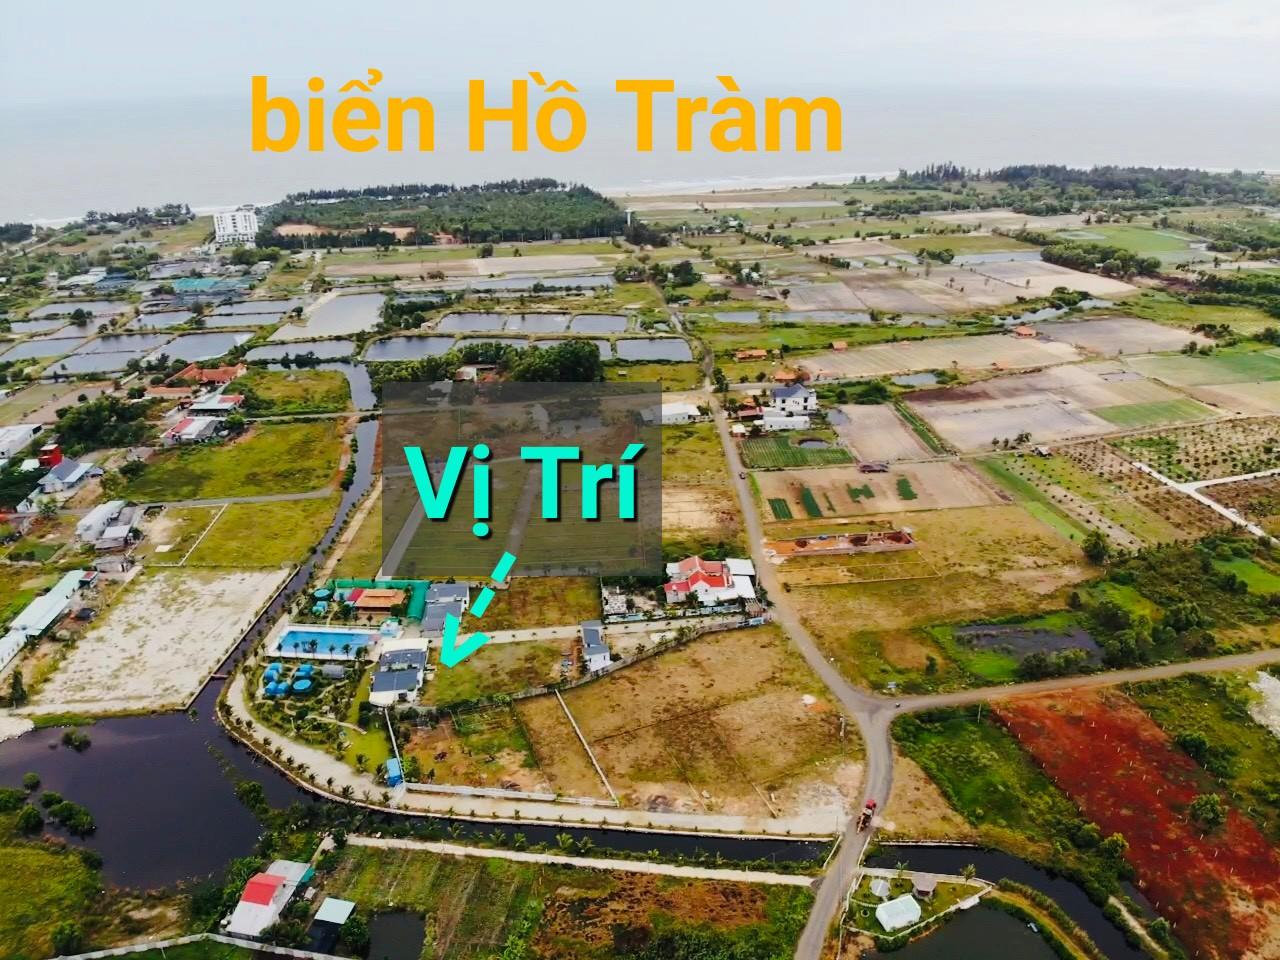 chính chủ cần bán đất Hồ Tràm Thuộc Huyện Xuyên Mộc , hình ảnh thực tế đất cần bán tại xuyên mộc qua góc chụp flycam